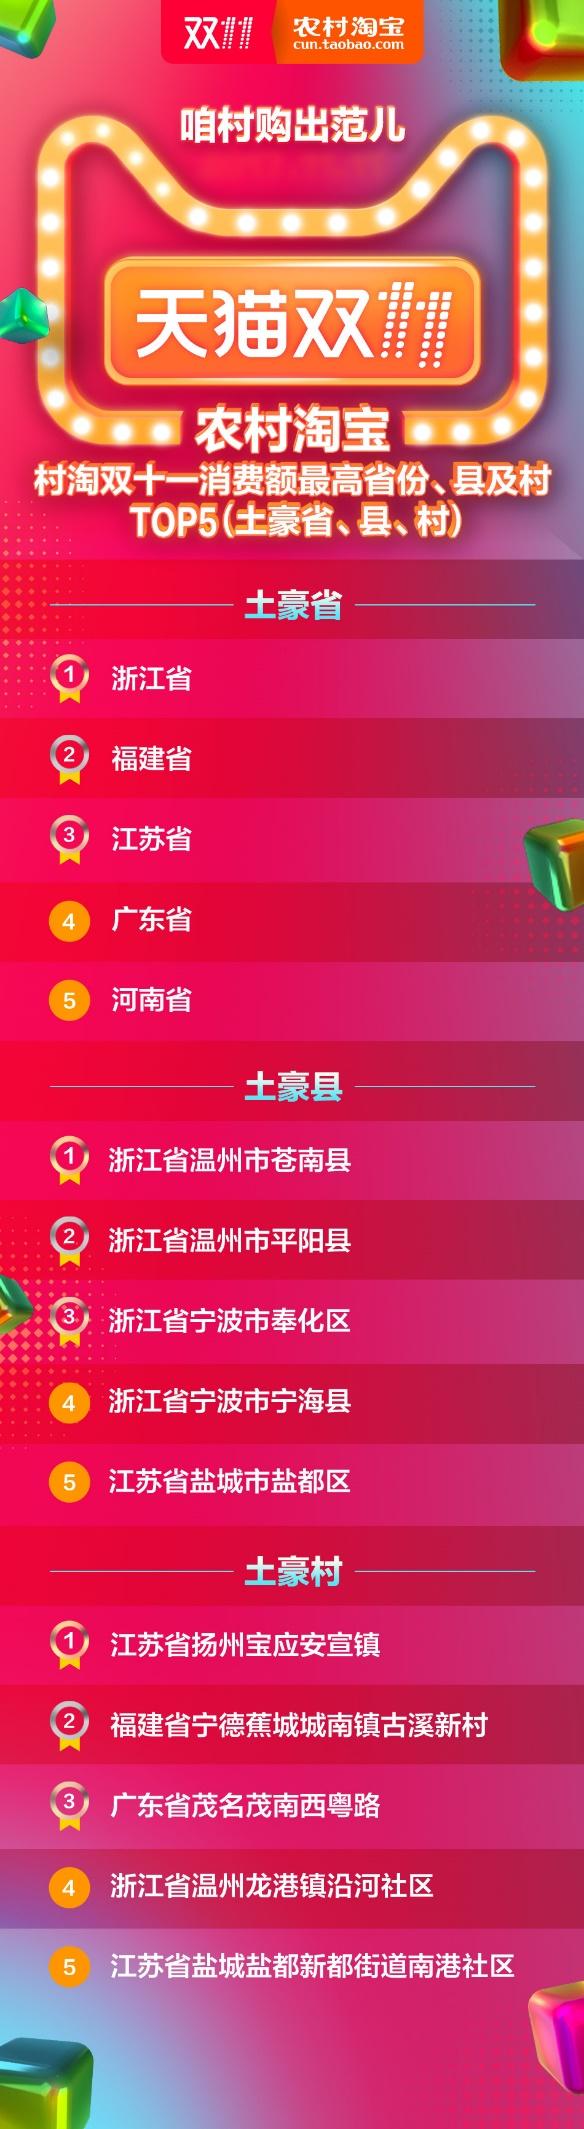 """双11农村""""剁手""""地图出炉 手机成""""剁手党""""新宠"""